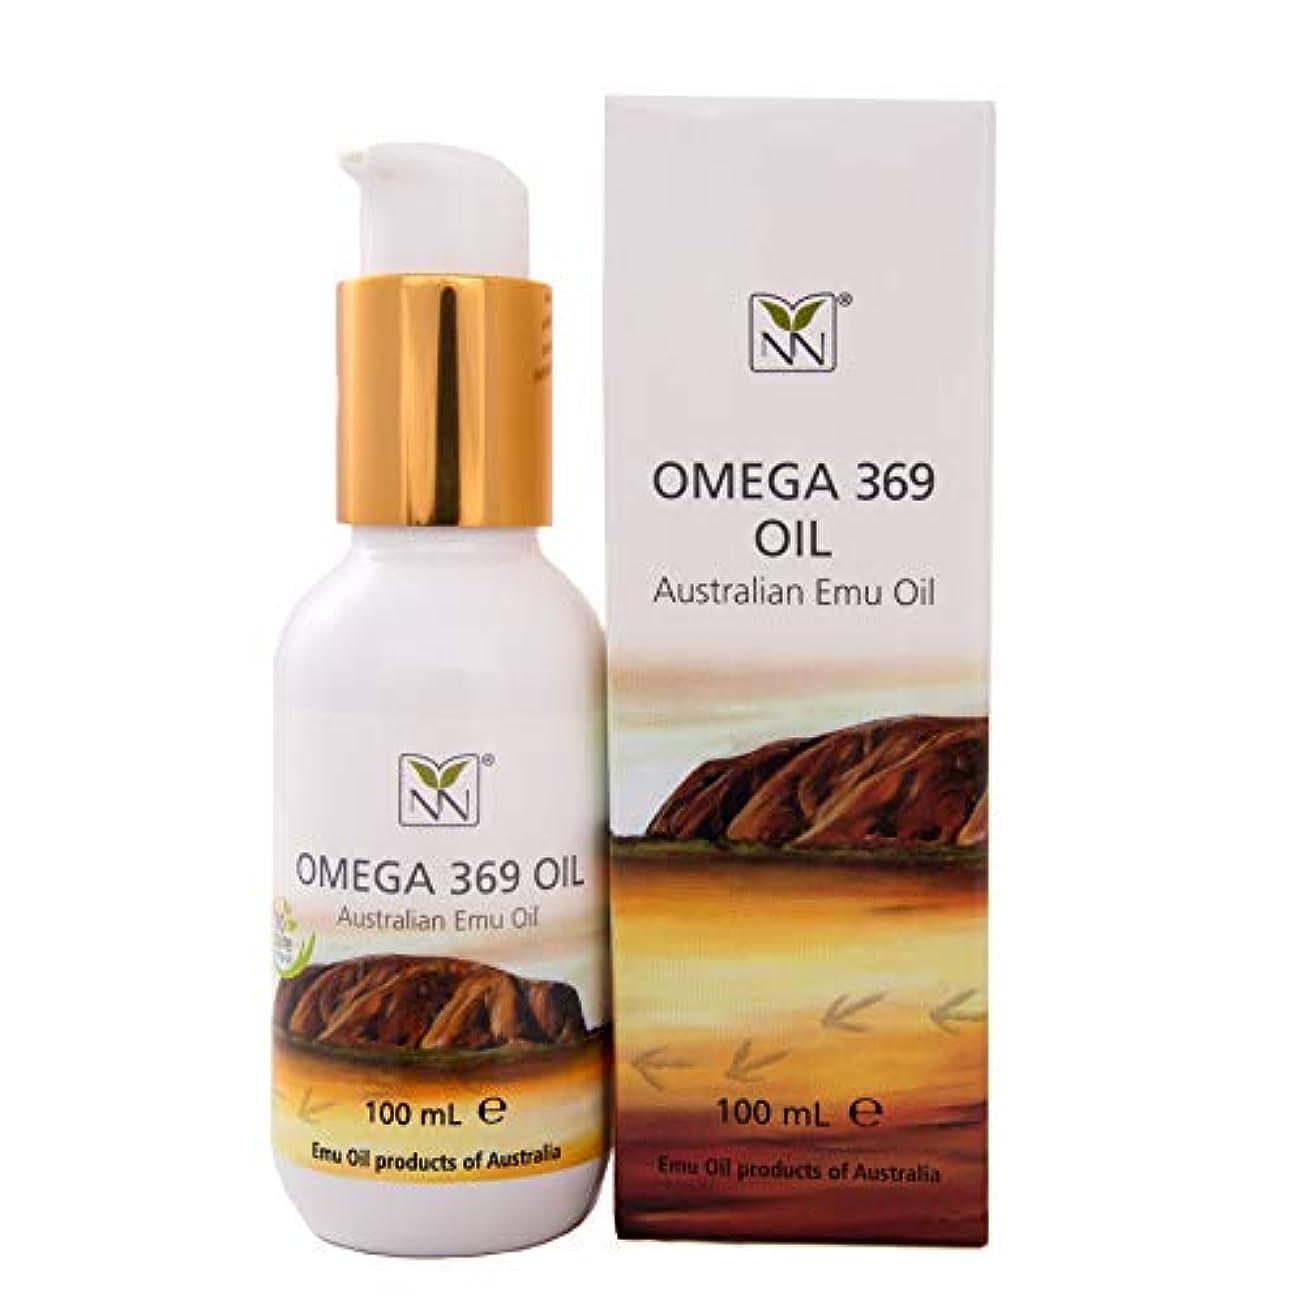 骨髄プロフィールレッドデートY Not Natural エミューオイル EMU OIL 無添加100% 保湿性 浸透性 抜群 プレミアム品質 エミュー油 (100 ml)